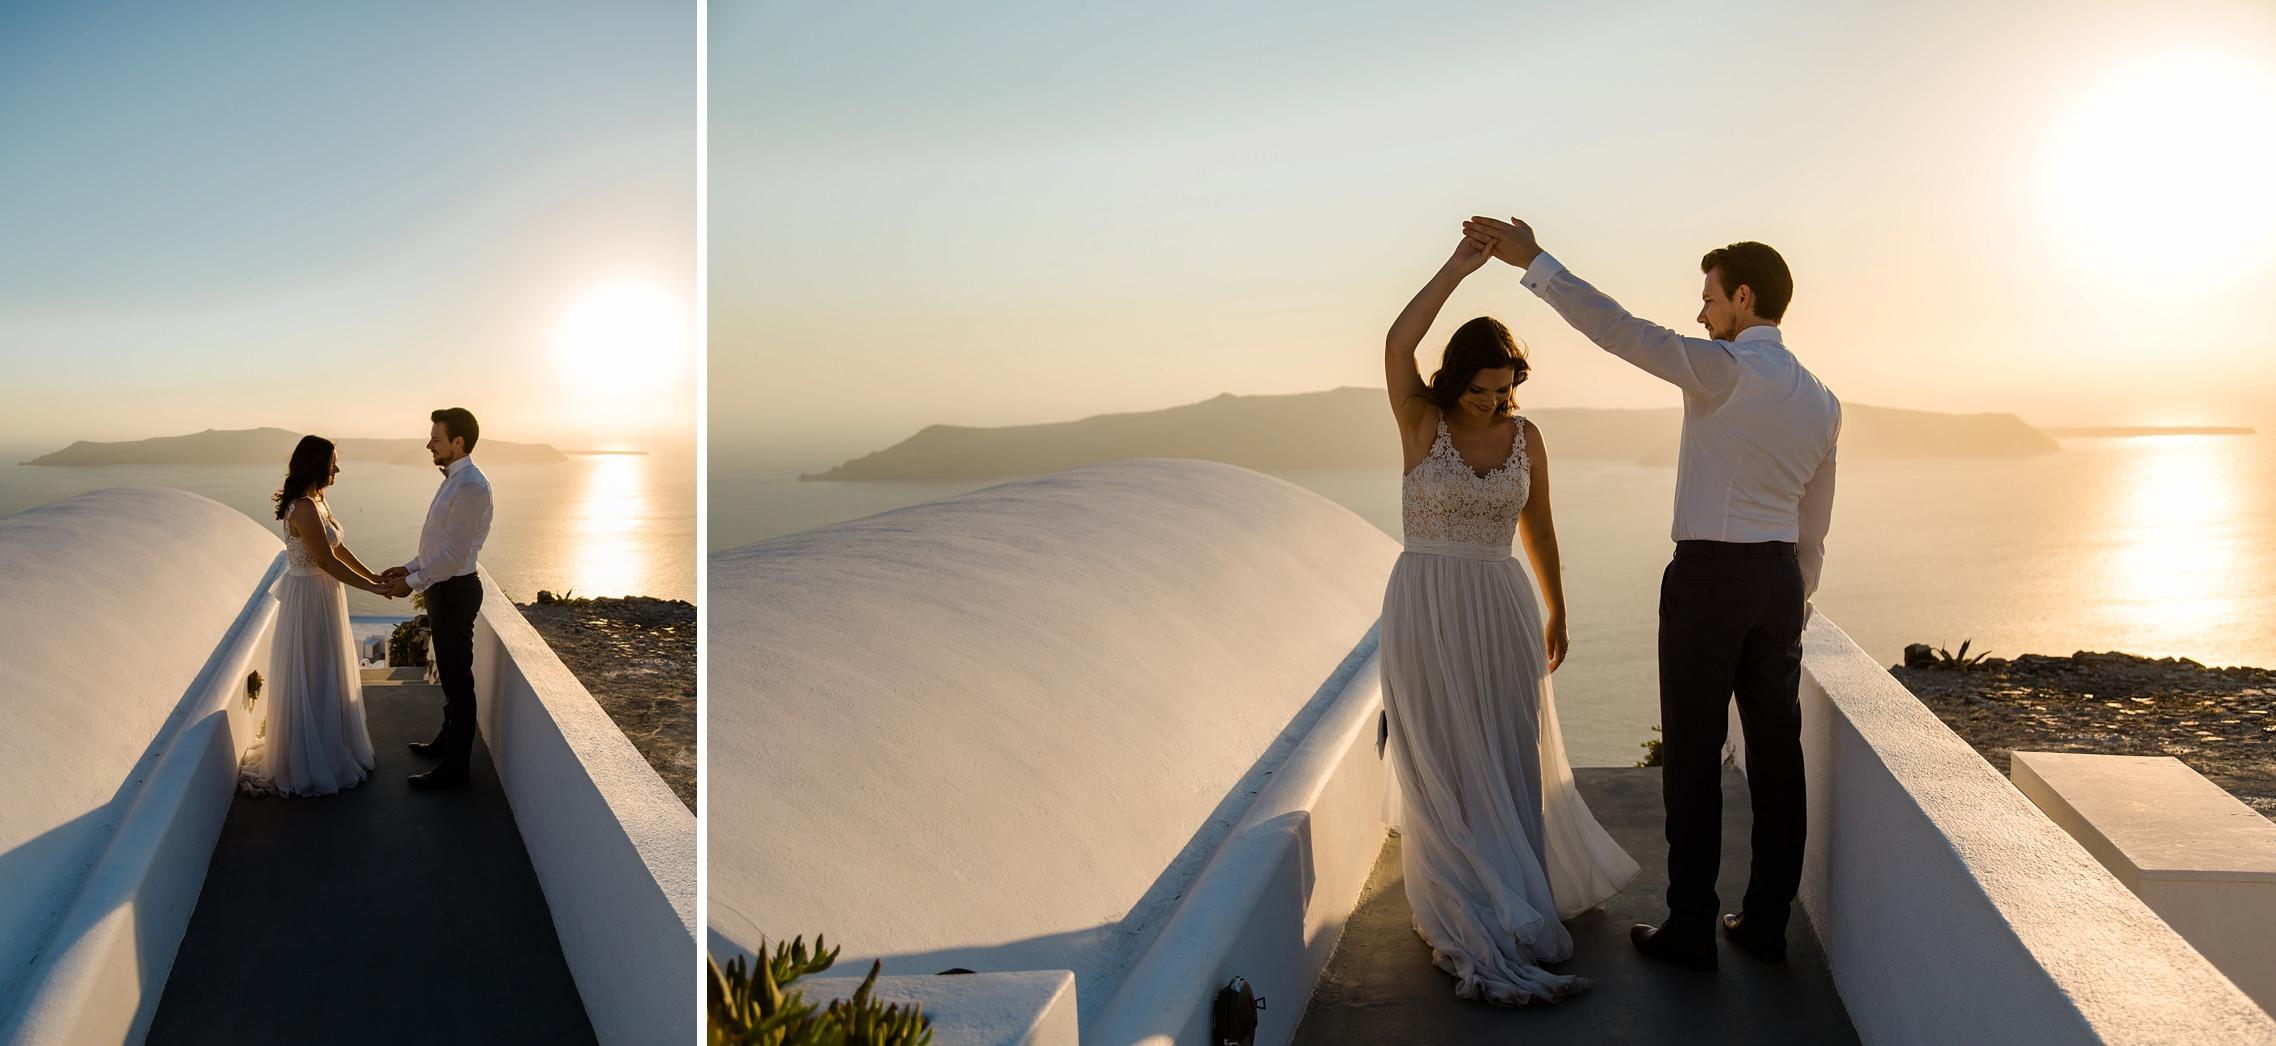 Brautpaar tanzt in den Sonnenuntergang auf Santorini - Elopement in Griechenland.